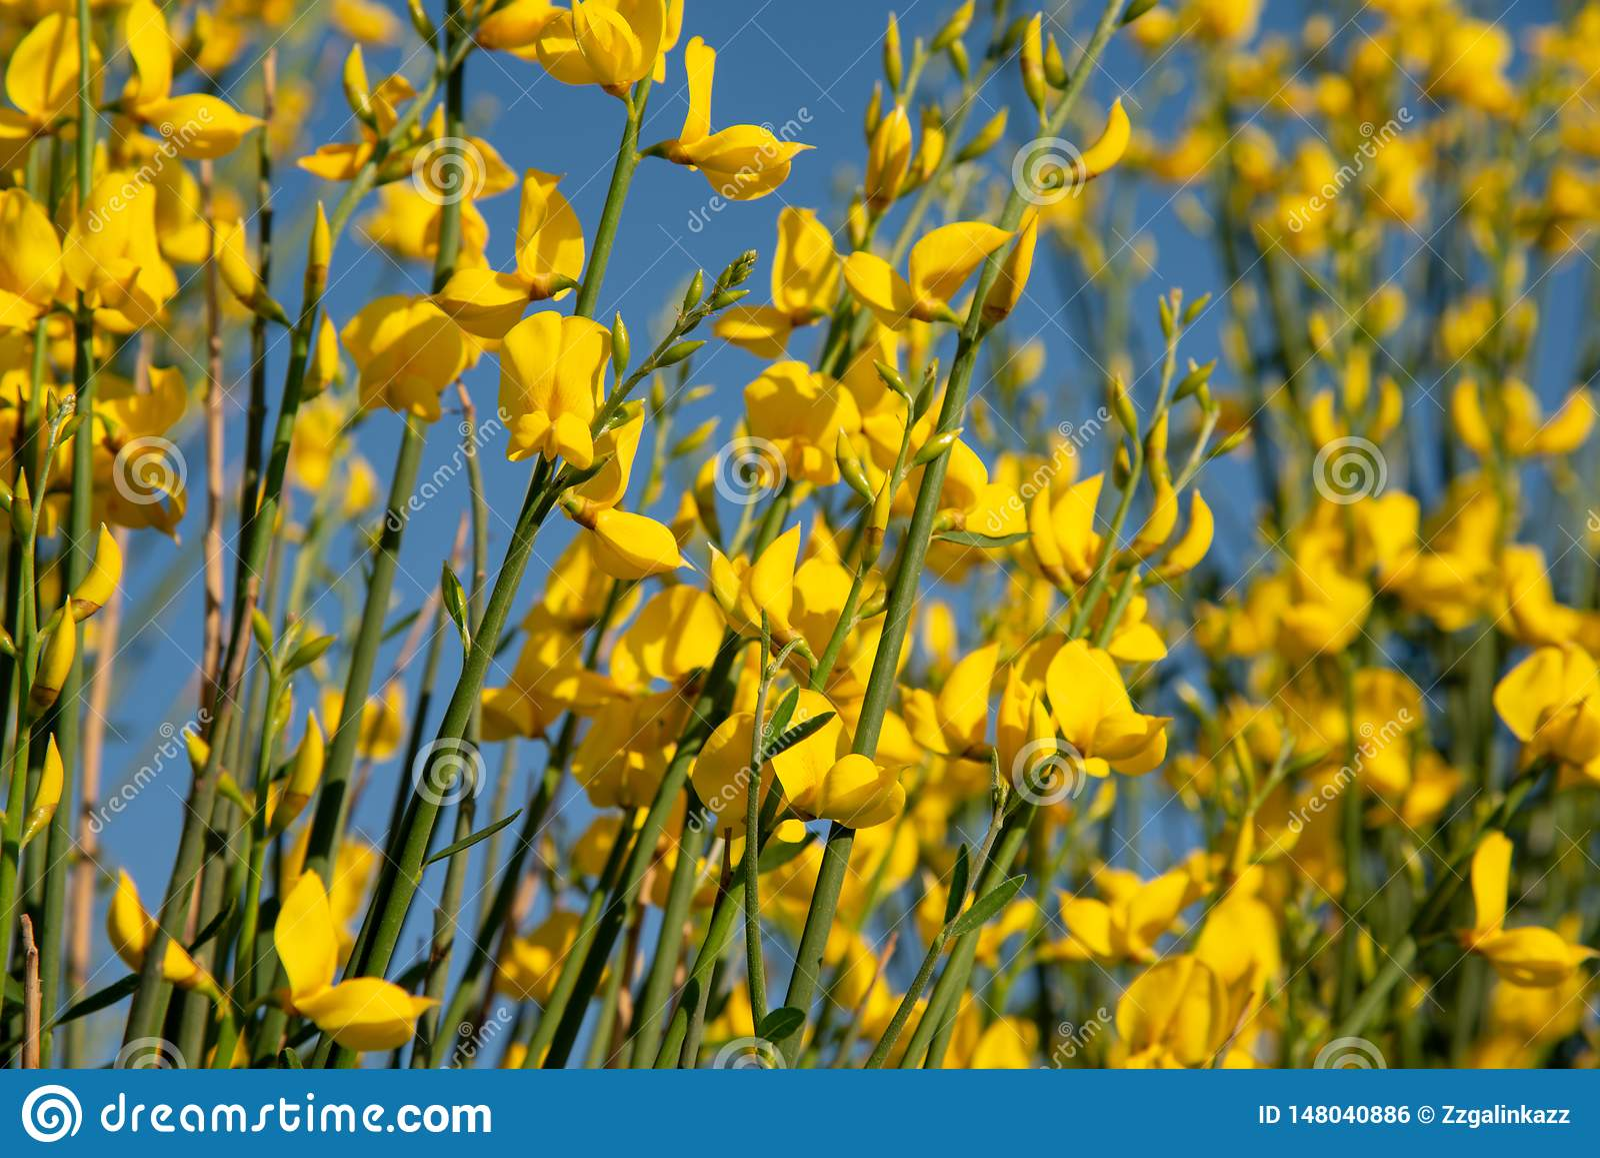 Estas s?o flores amarelas do genista selvagem Fundo